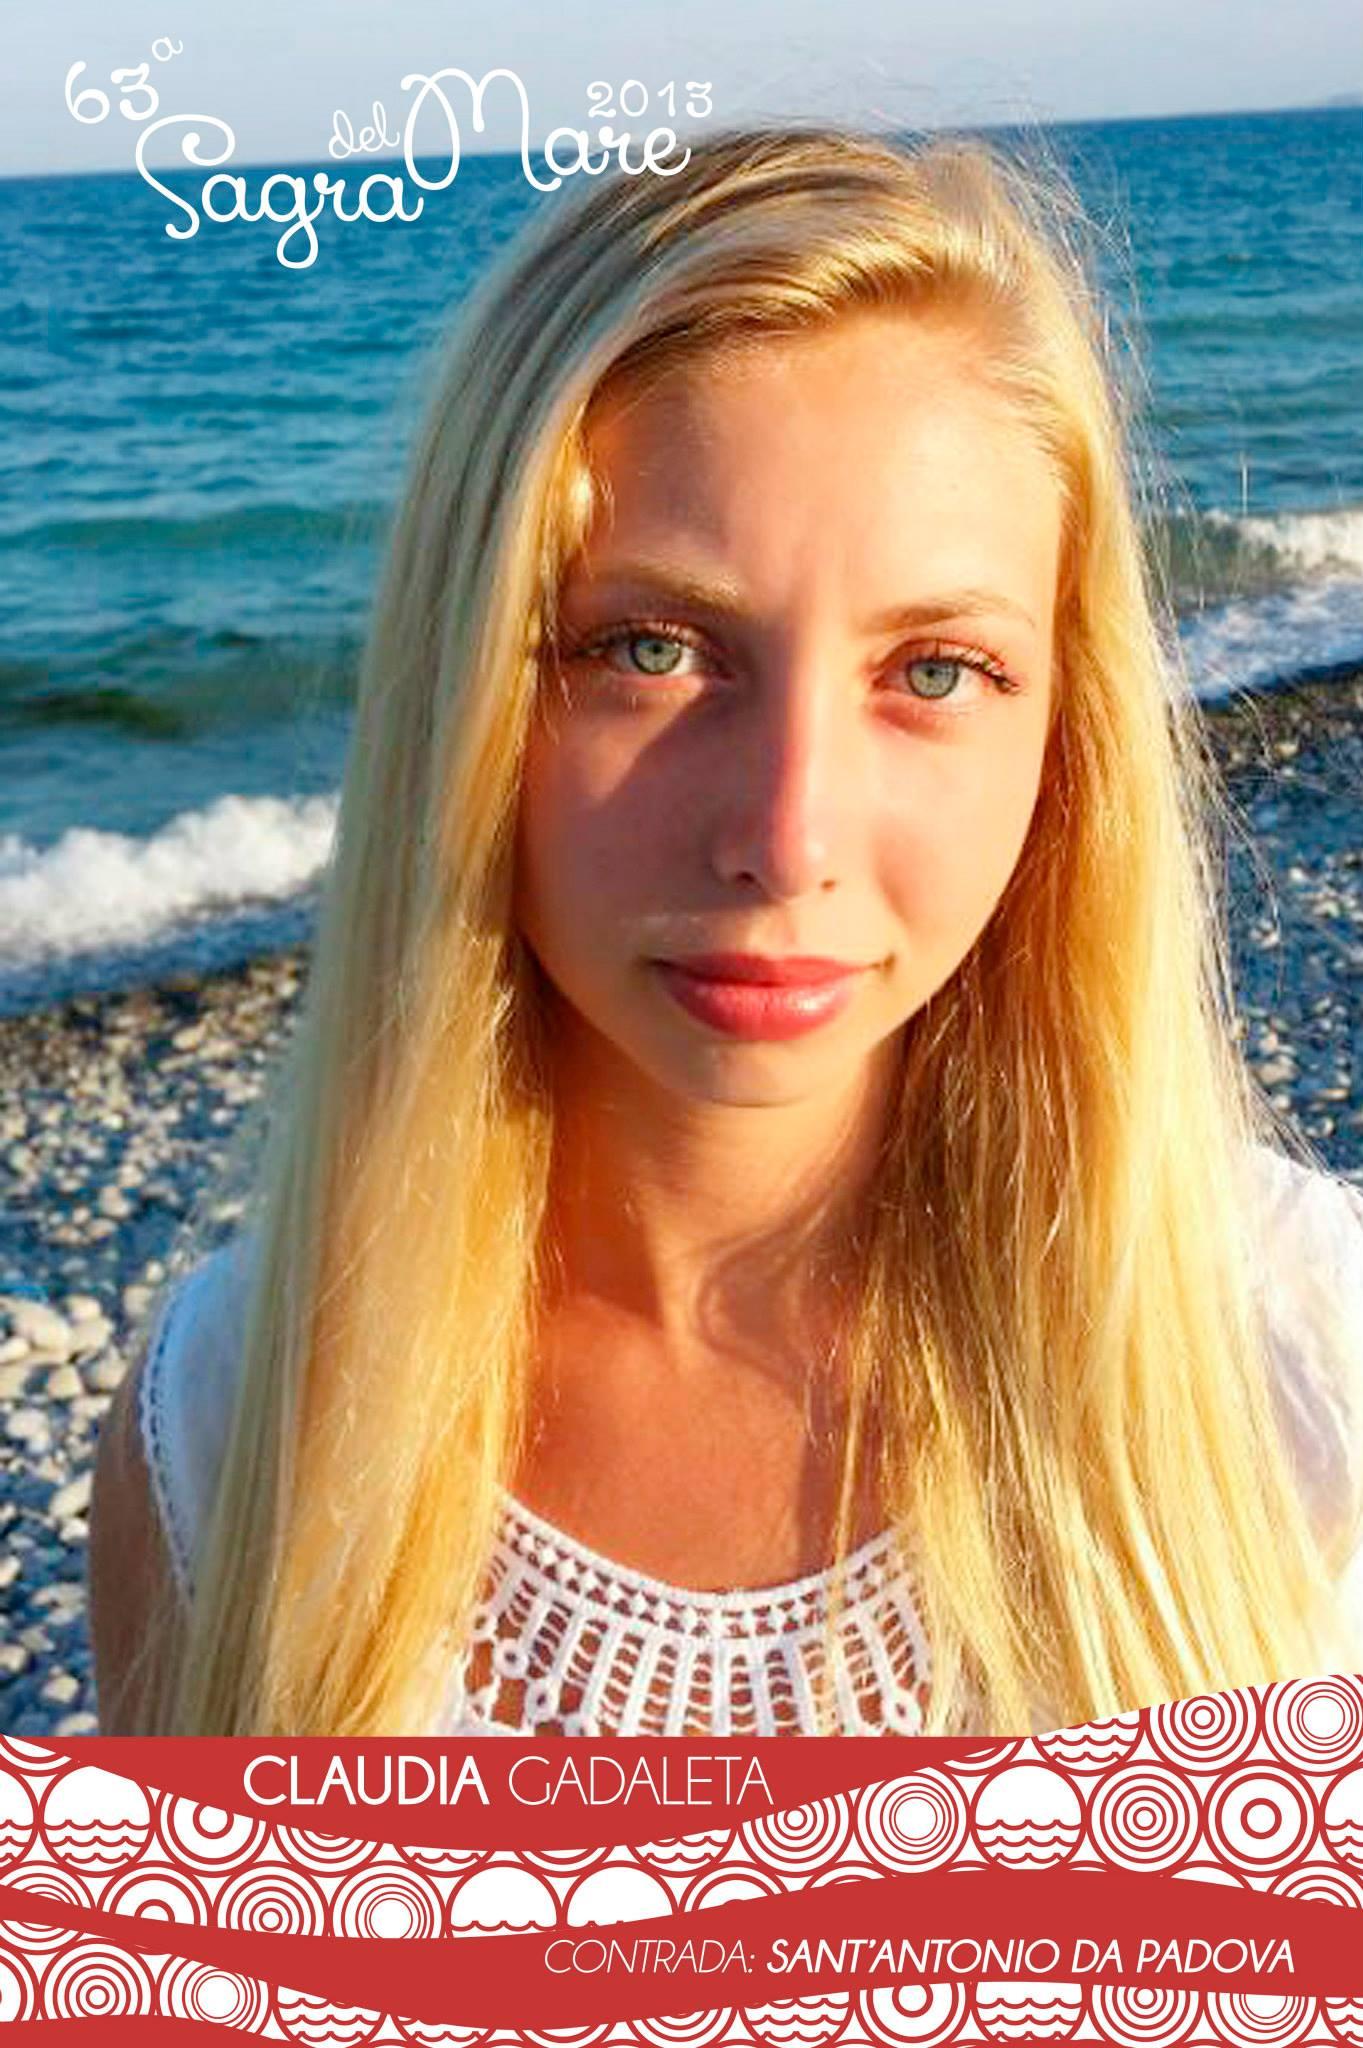 Claudia Gadaleta